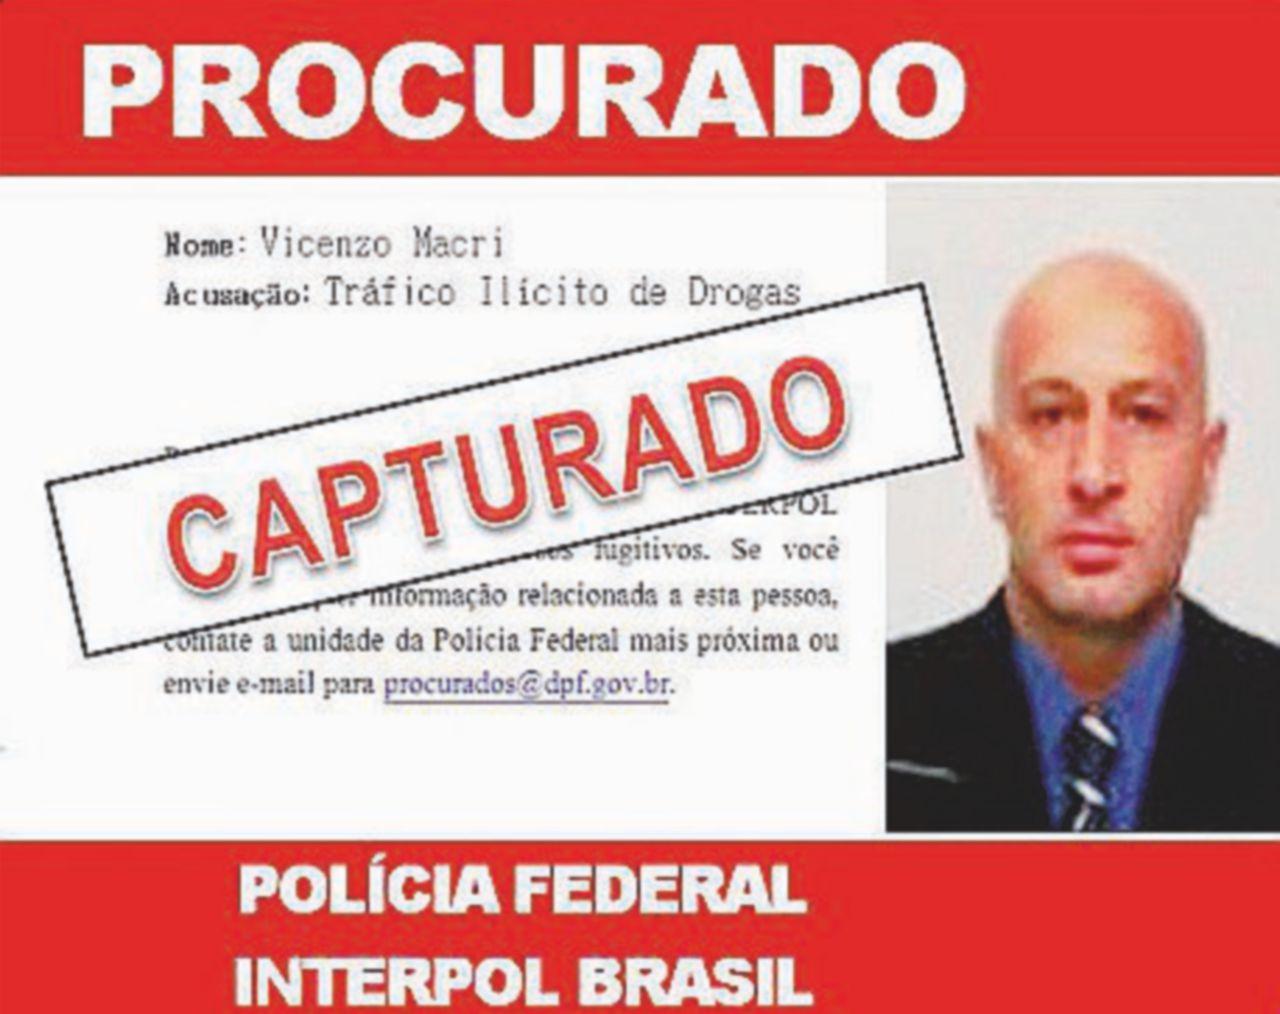 Il boss Vincenzo Macrì catturato a San Paolo in Brasile: preparava la fuga in Venezuela